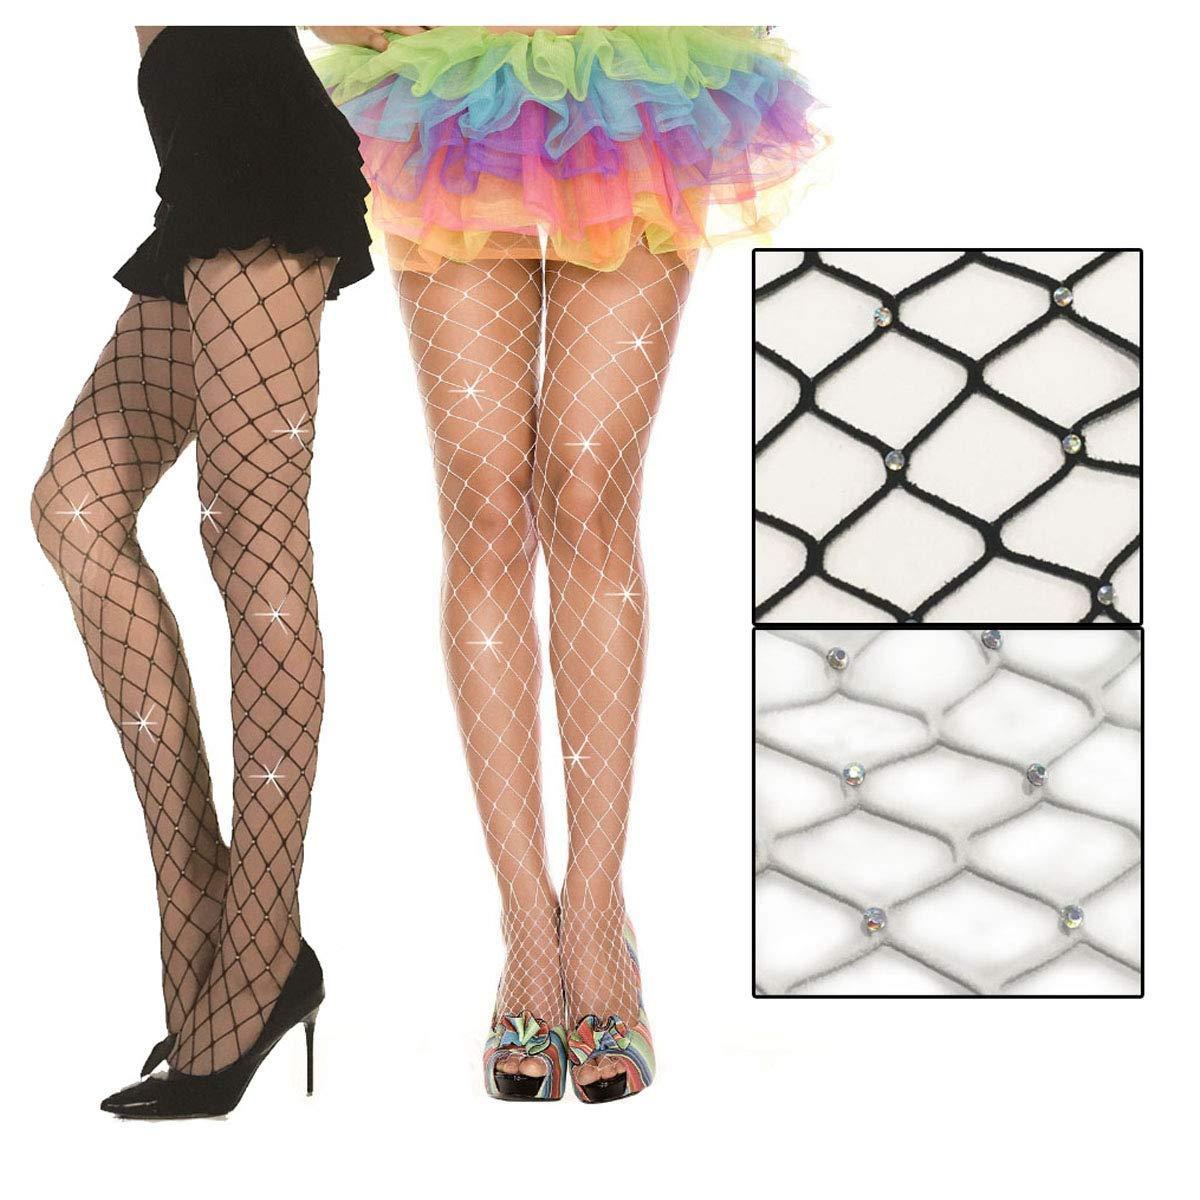 2-Pack Diamond Net Rhinestone Sparkle Pantyhose Shiny Gem Mesh Stockings